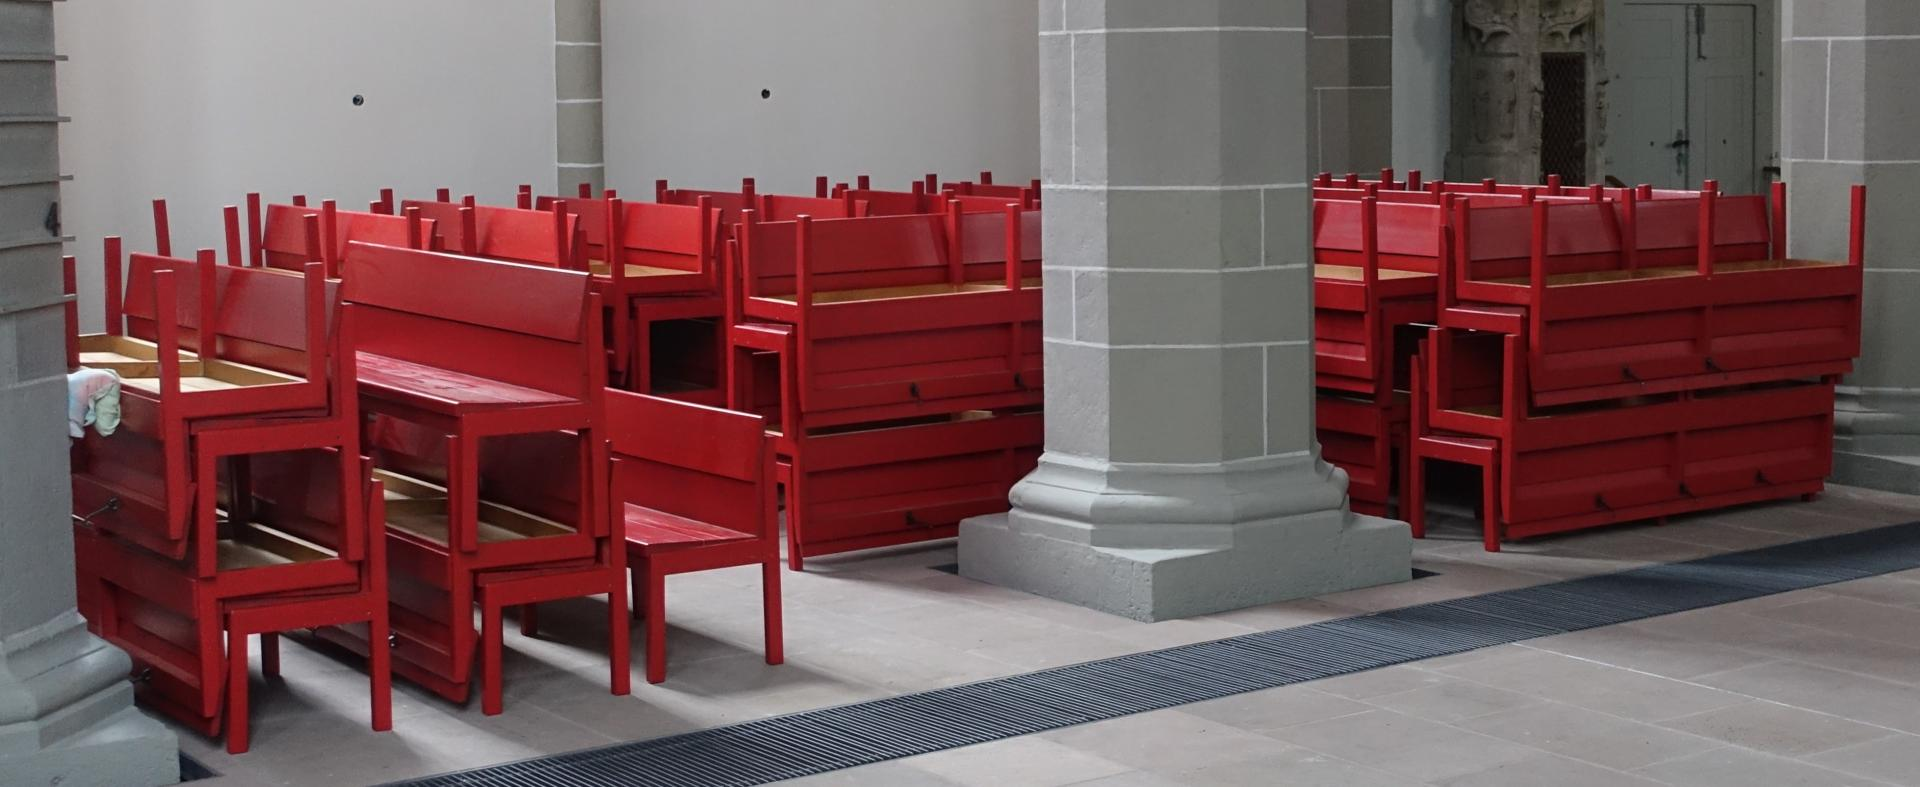 Die roten Bänke warten in der Nicolai-Kapelle auf baldigen Gebrauch